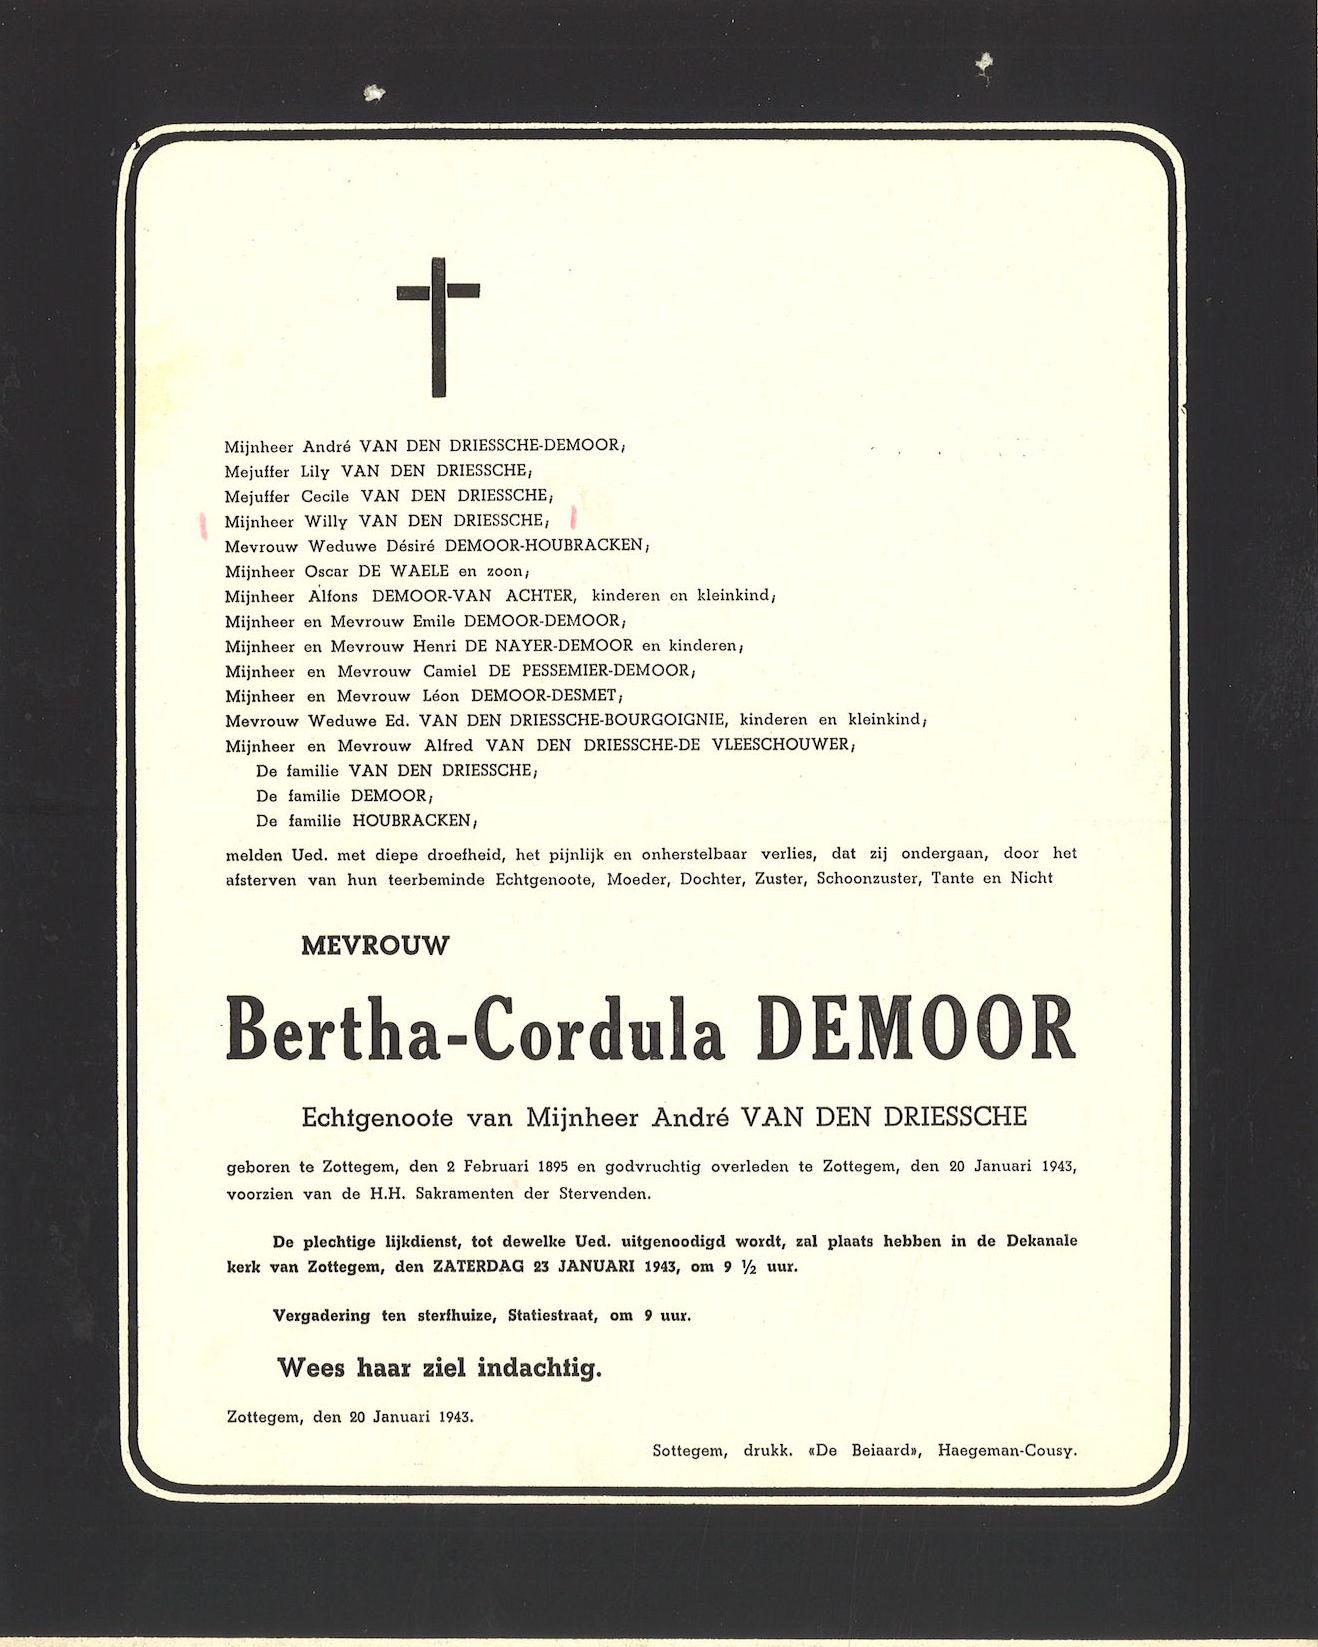 Bertha-Cordula Demoor